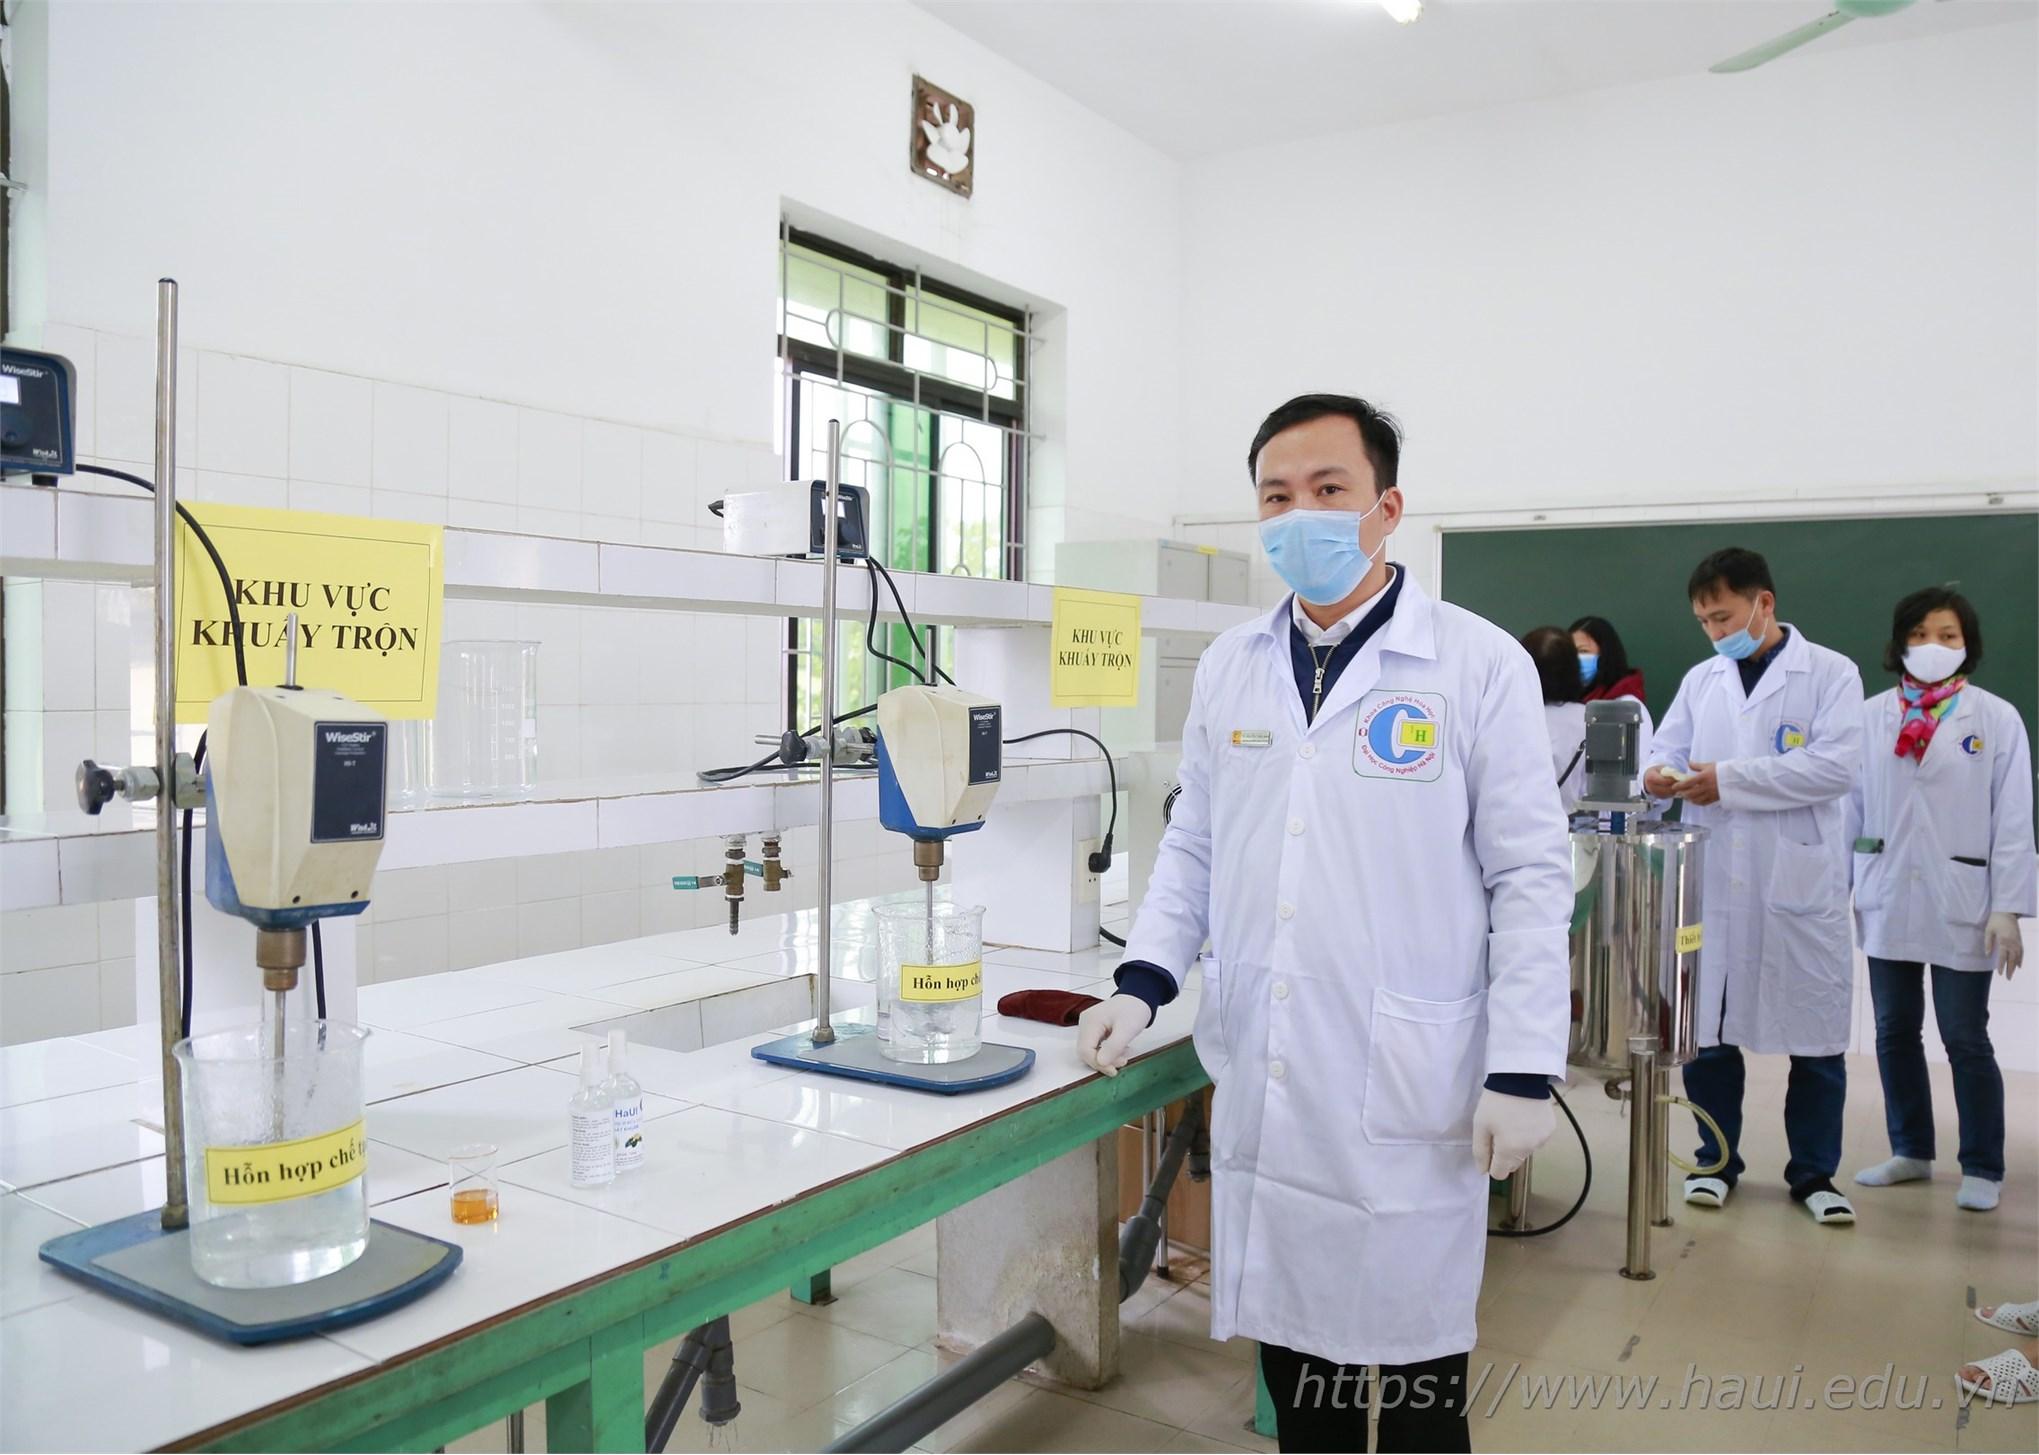 Chung tay vì sức khỏe cộng đồng: Khoa Công nghệ hóa sản xuất dung dịch rửa tay khô phát miễn phí cho cán bộ, giảng viên, sinh viên Nhà trường